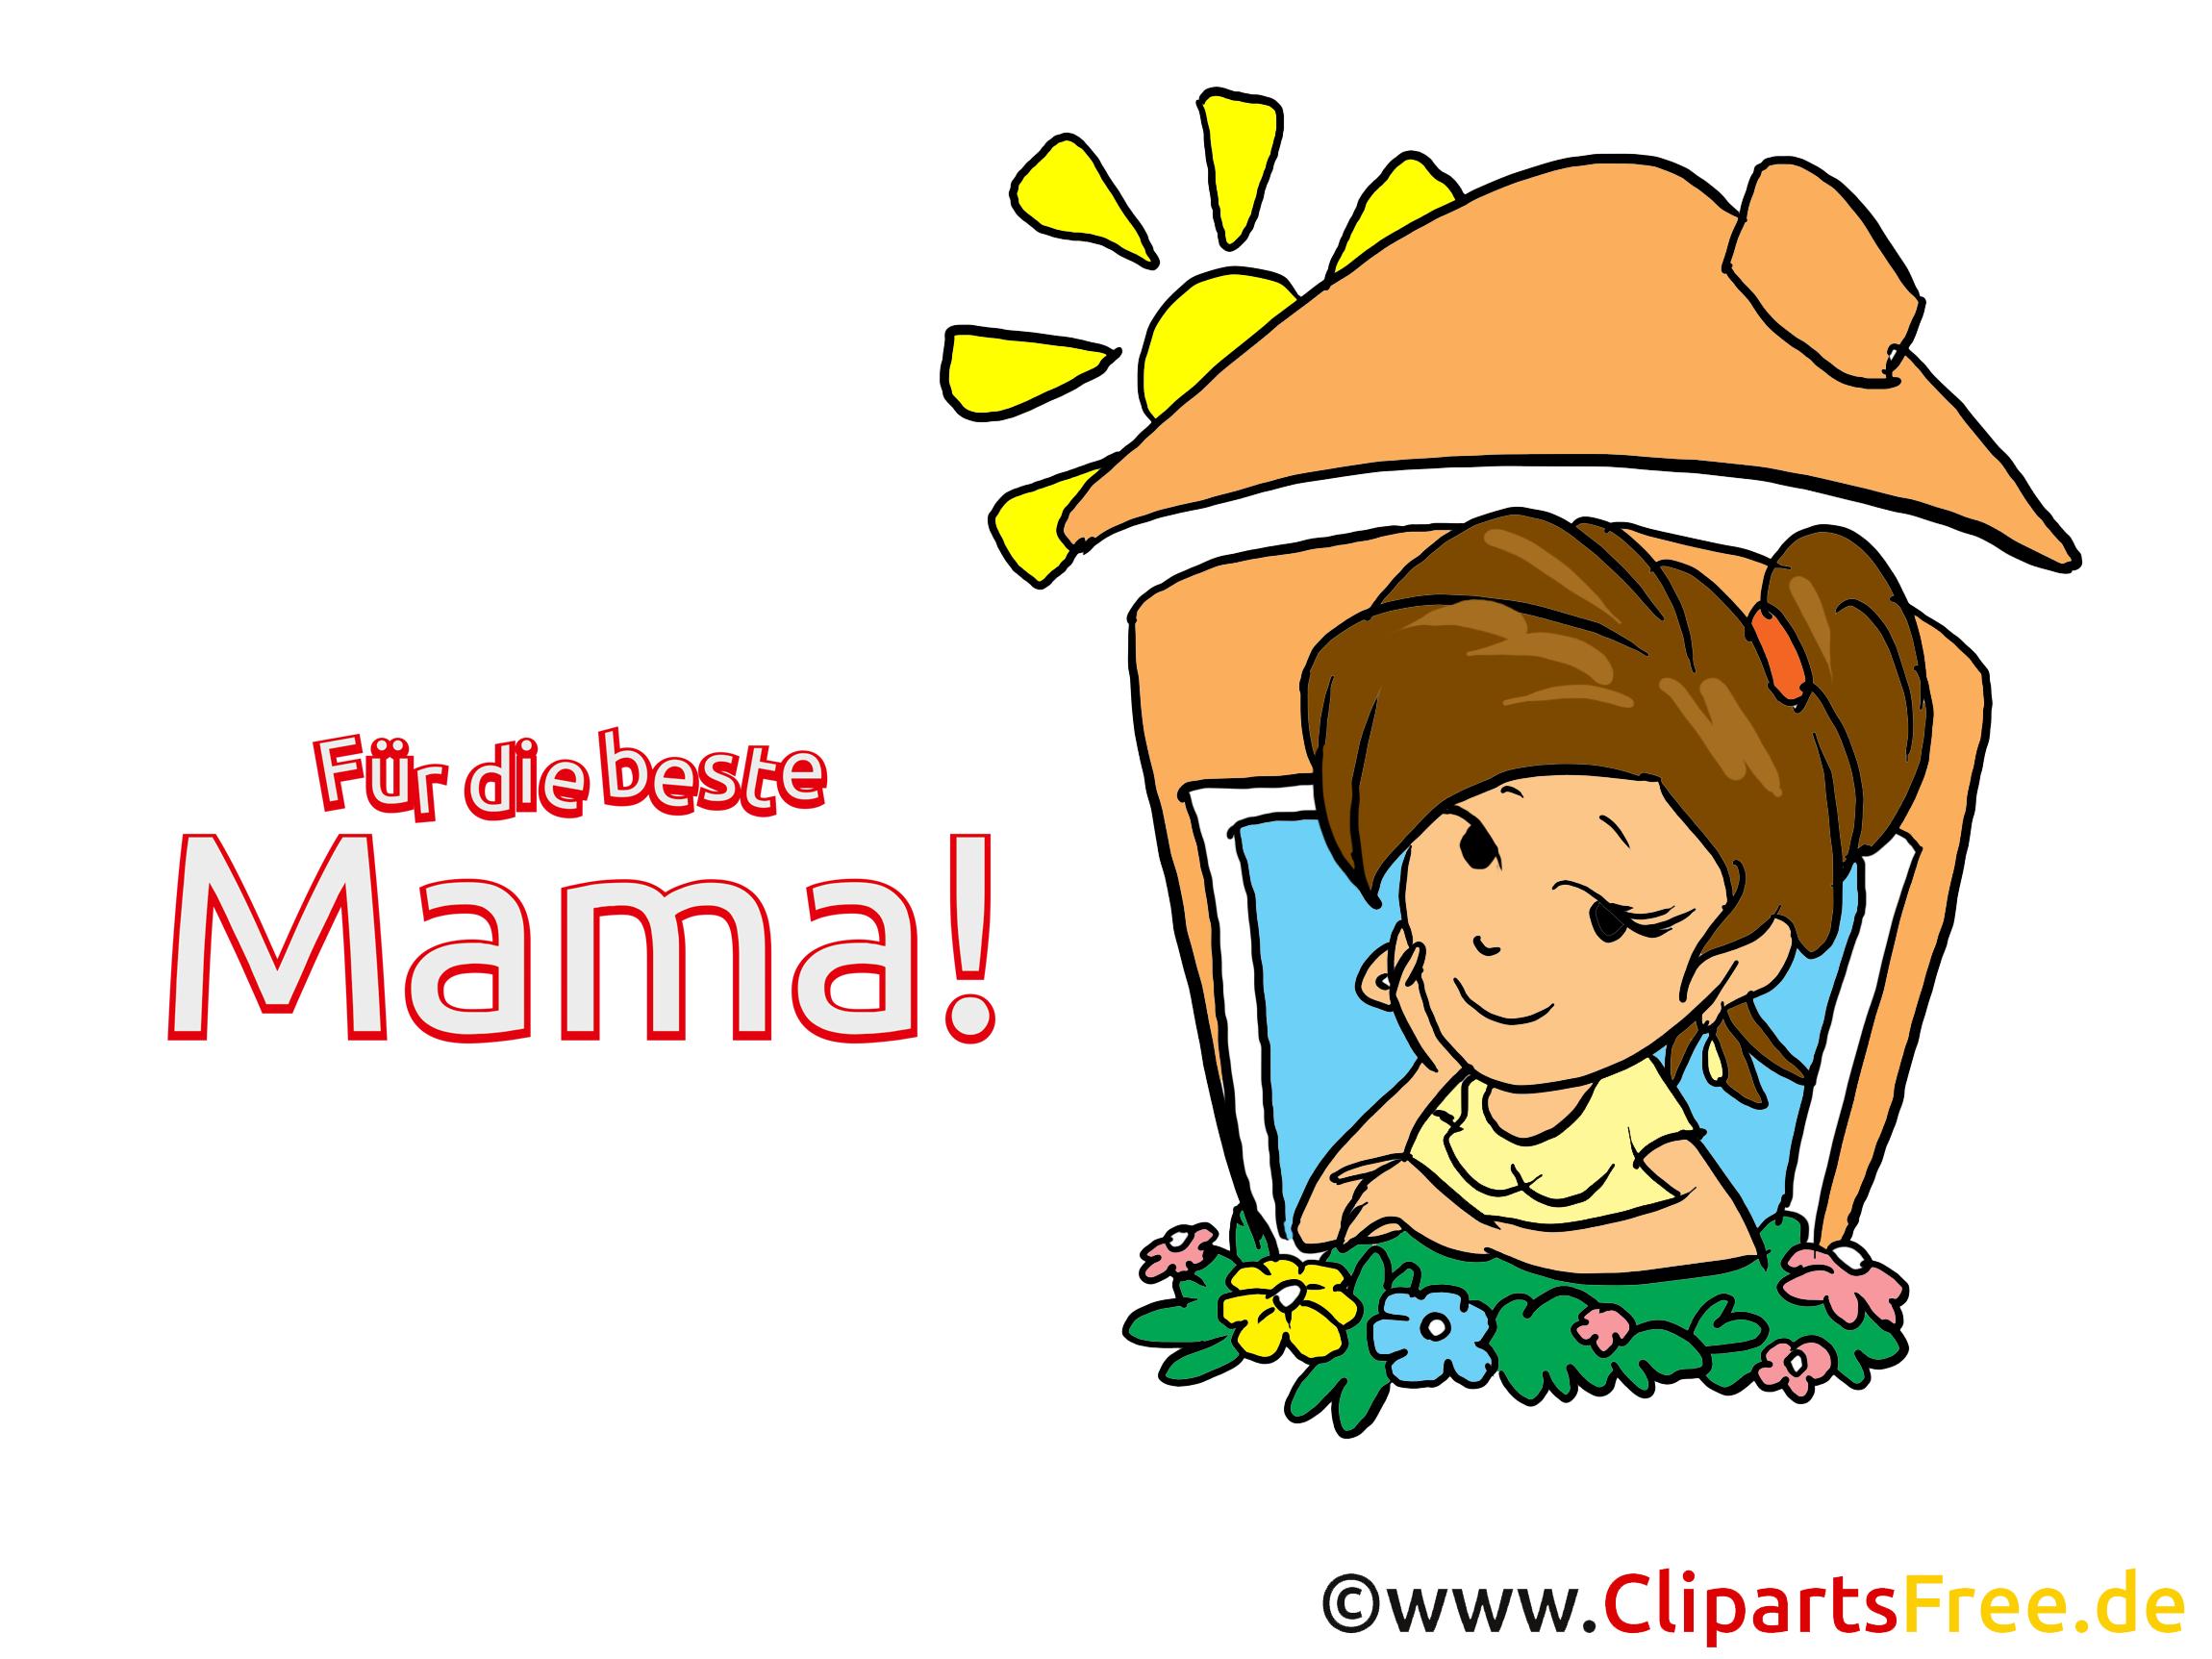 Digitale Postkarten zum Muttertag